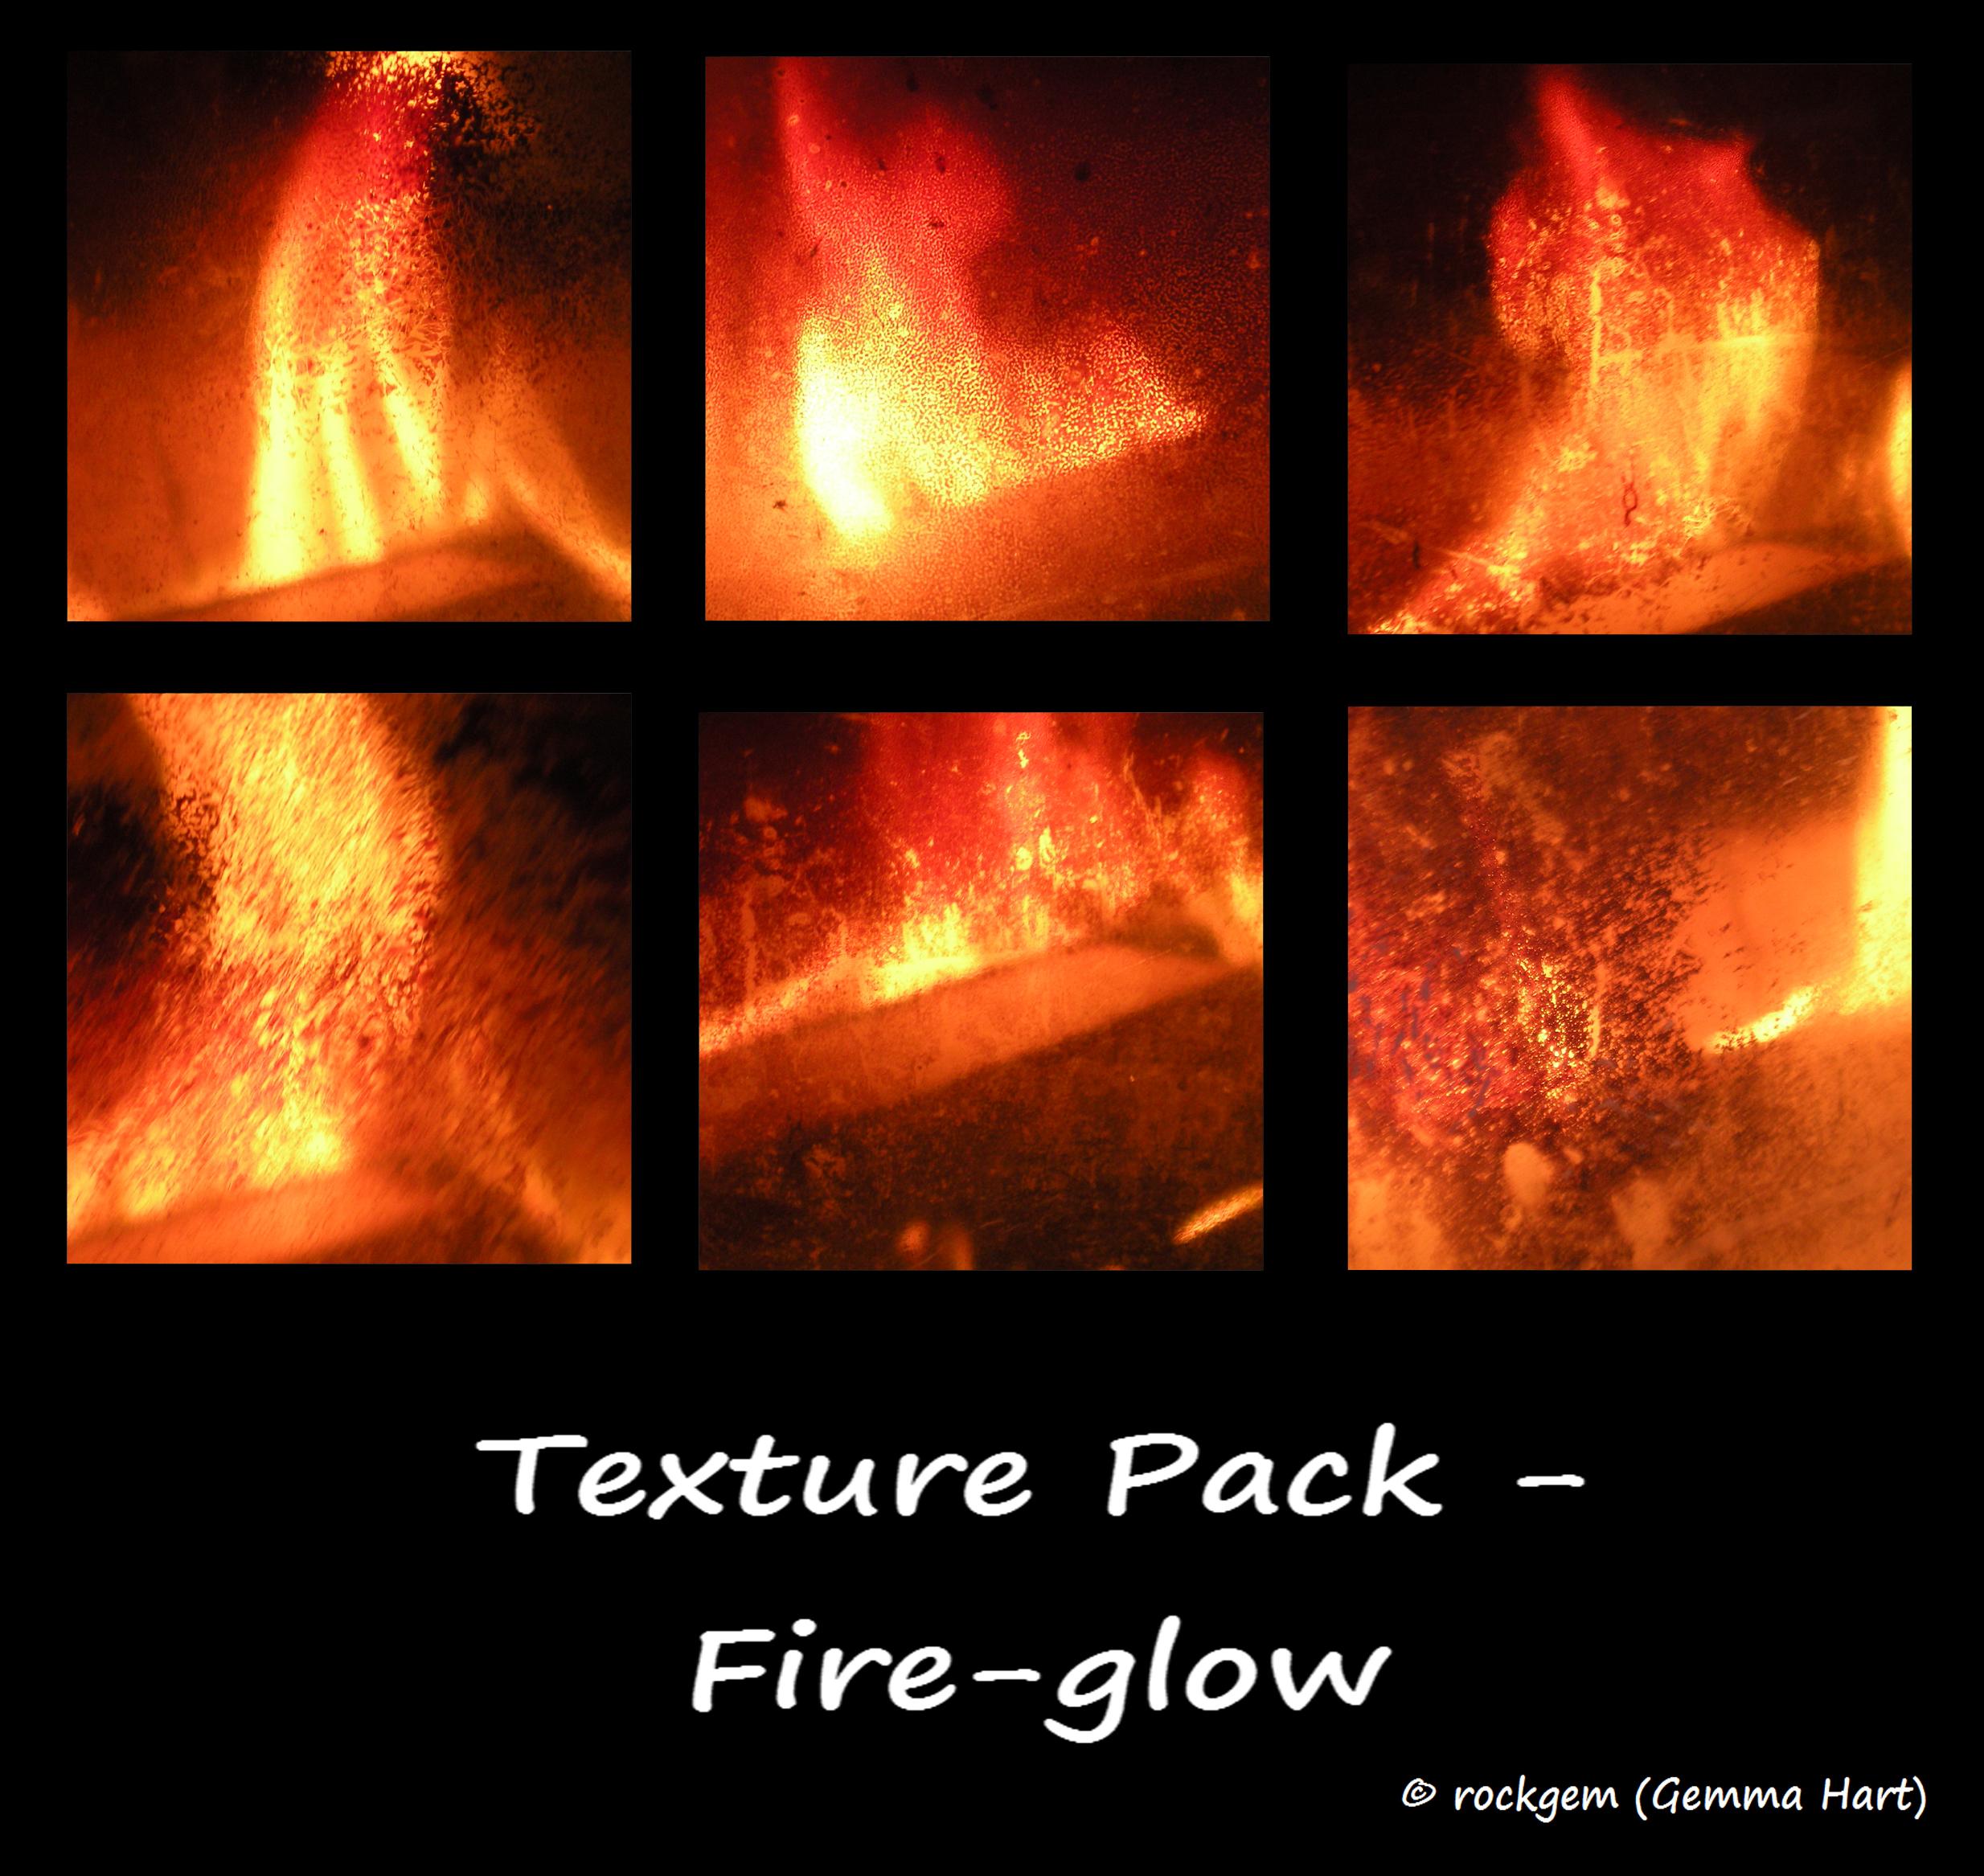 Texture Pack - Fireglow